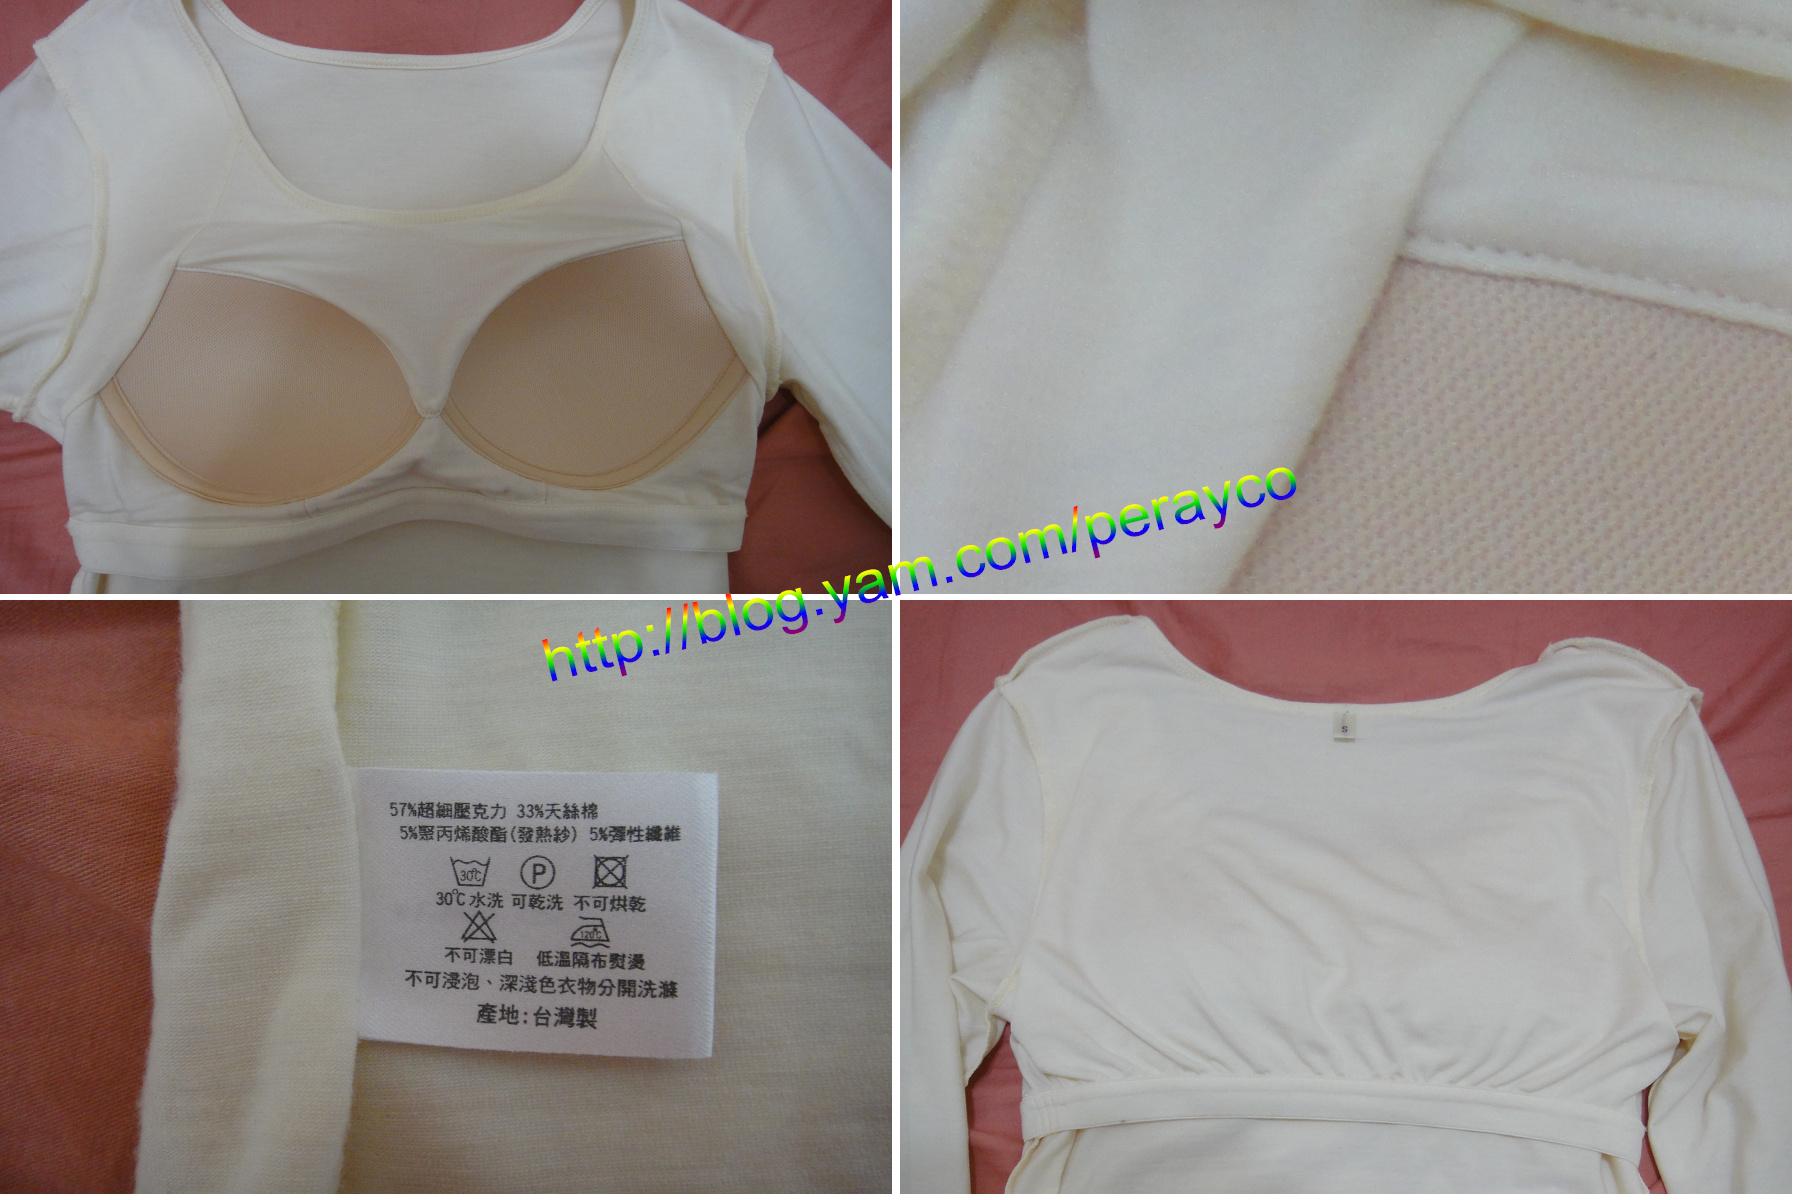 7-11發熱衣 體驗P02.jpg